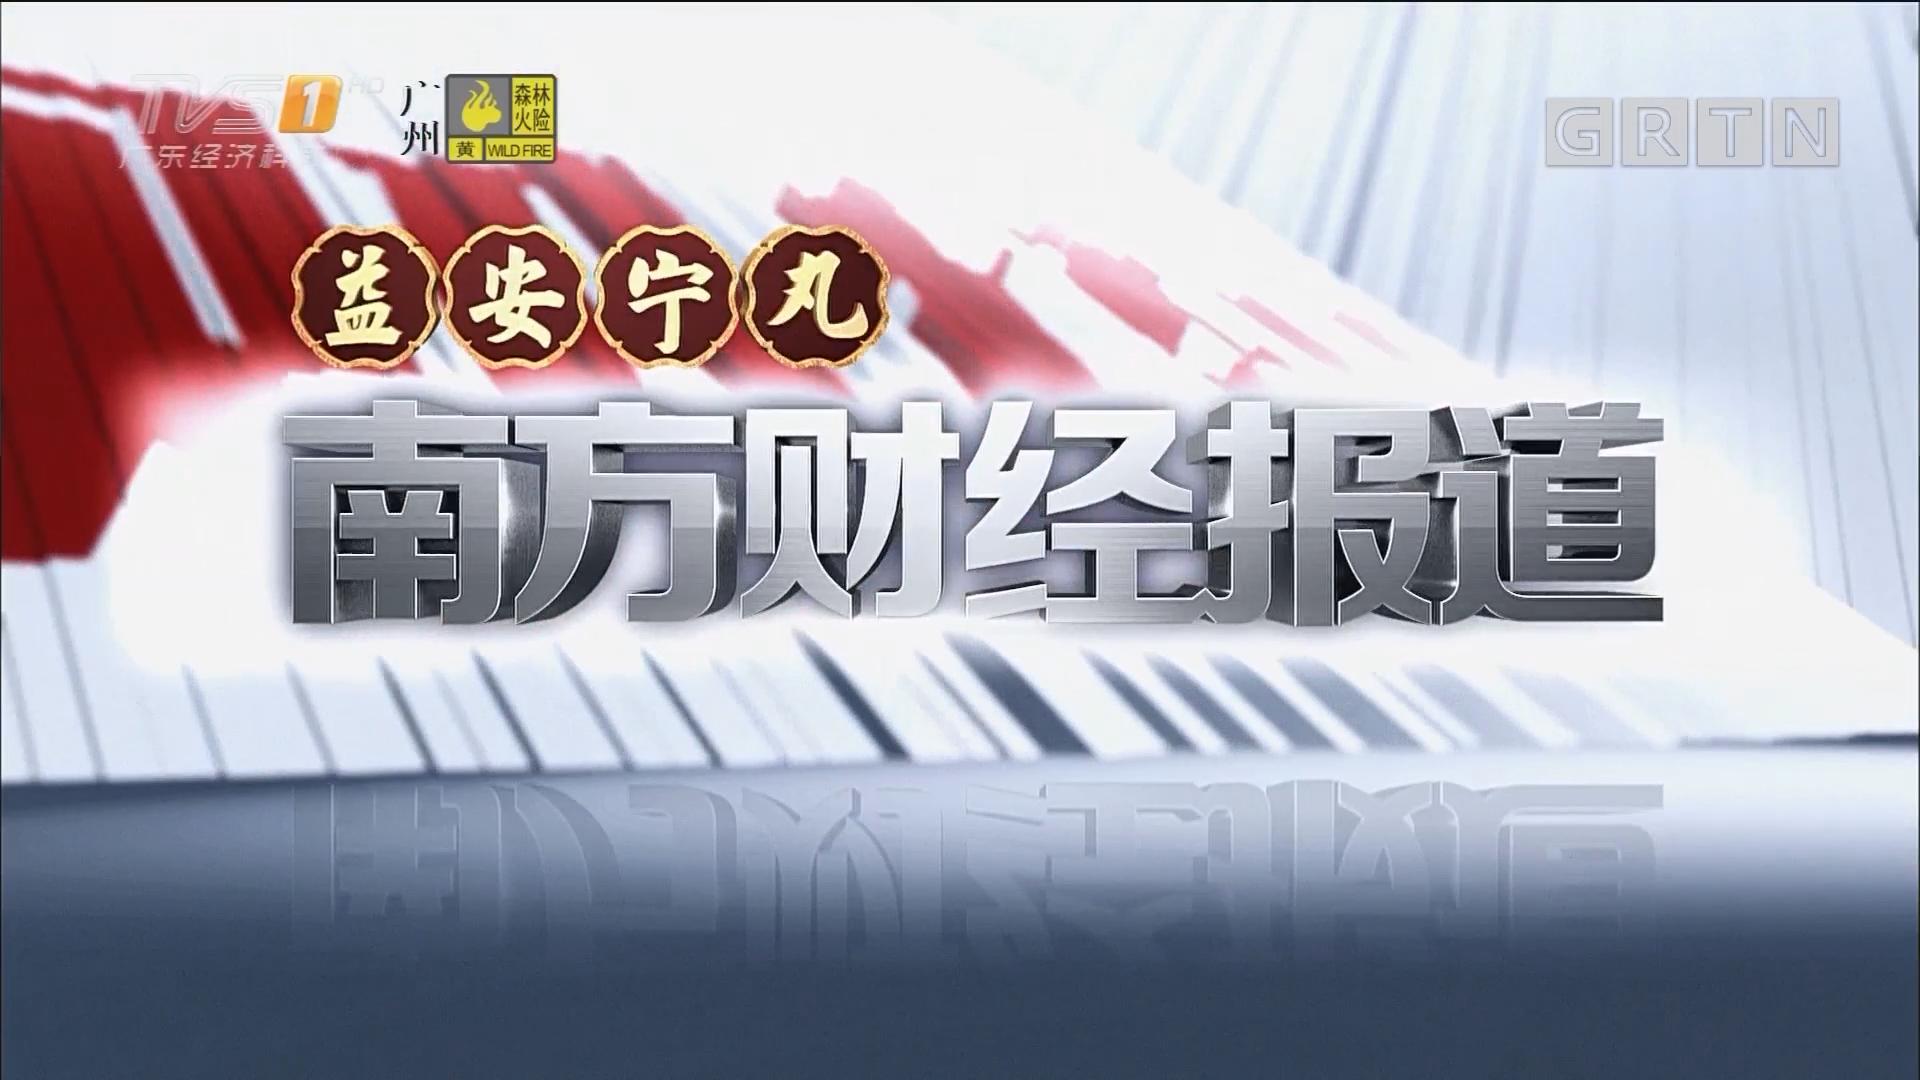 [HD][2017-12-05]南方财经报道:南方财经全媒体集团总部落户广州国际金融城